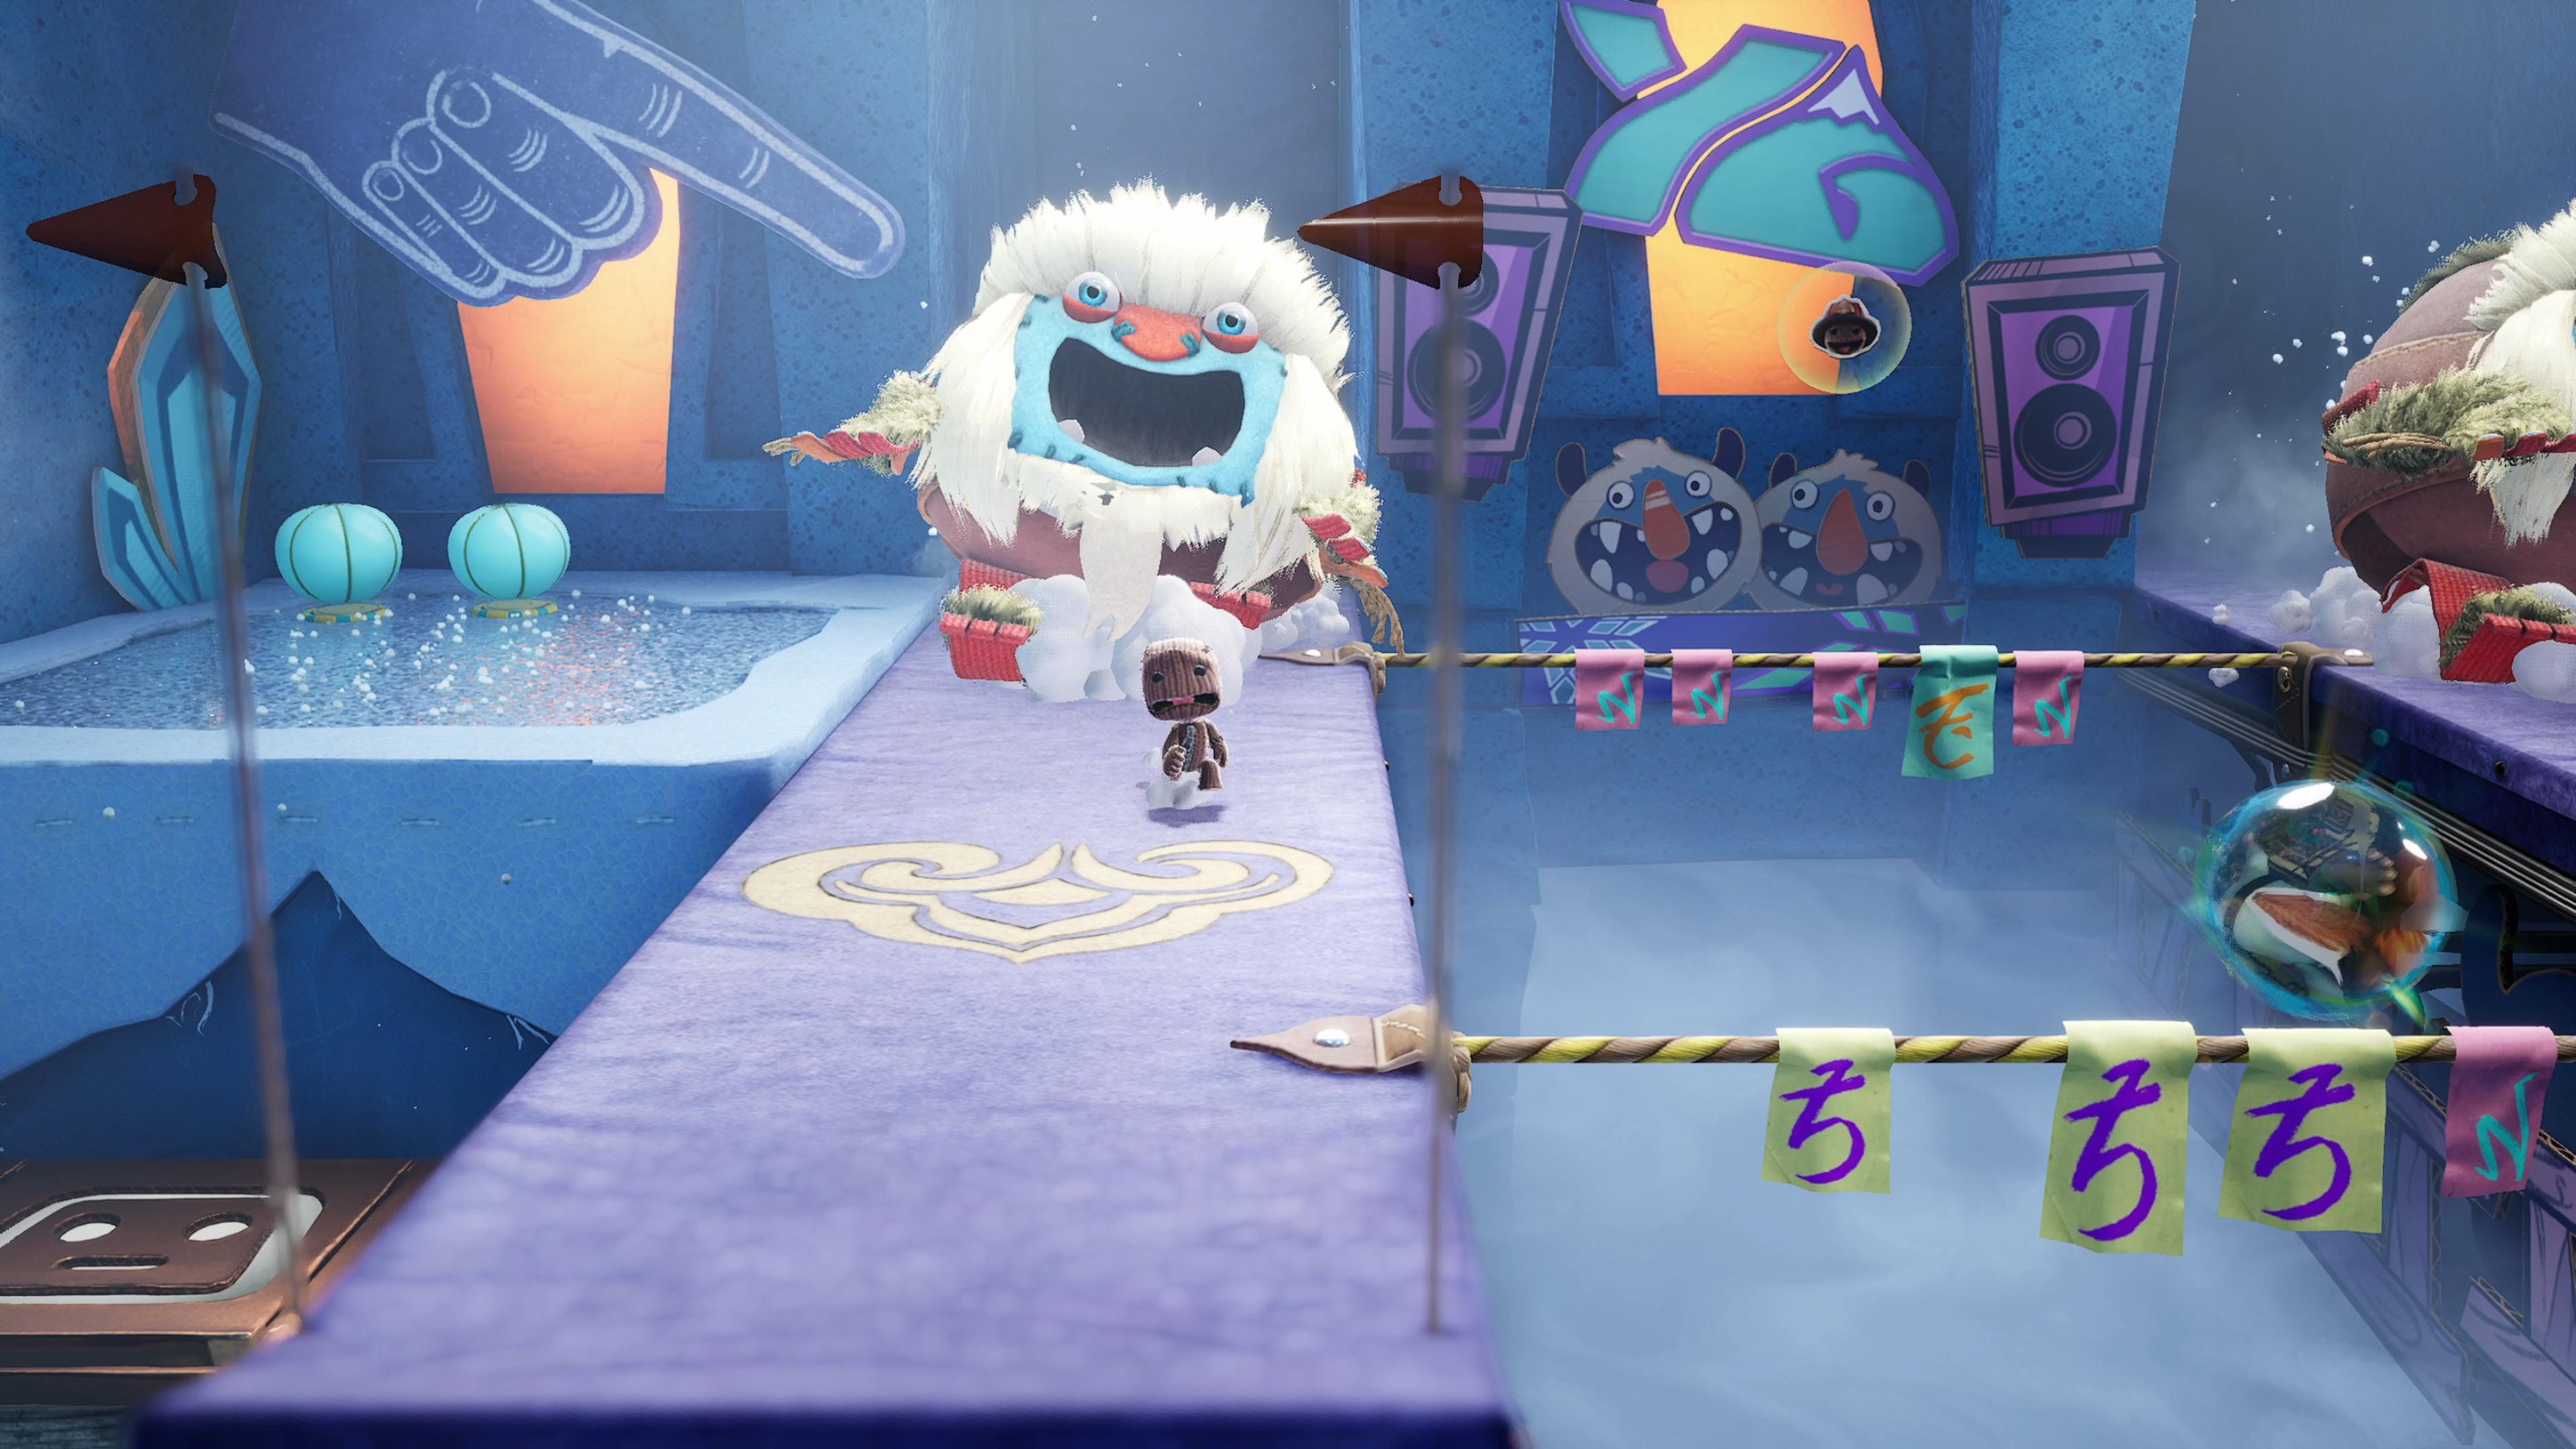 Скриншот №1 к Цифровое расширенное издание Sackboy A Big Adventure PS4 and PS5